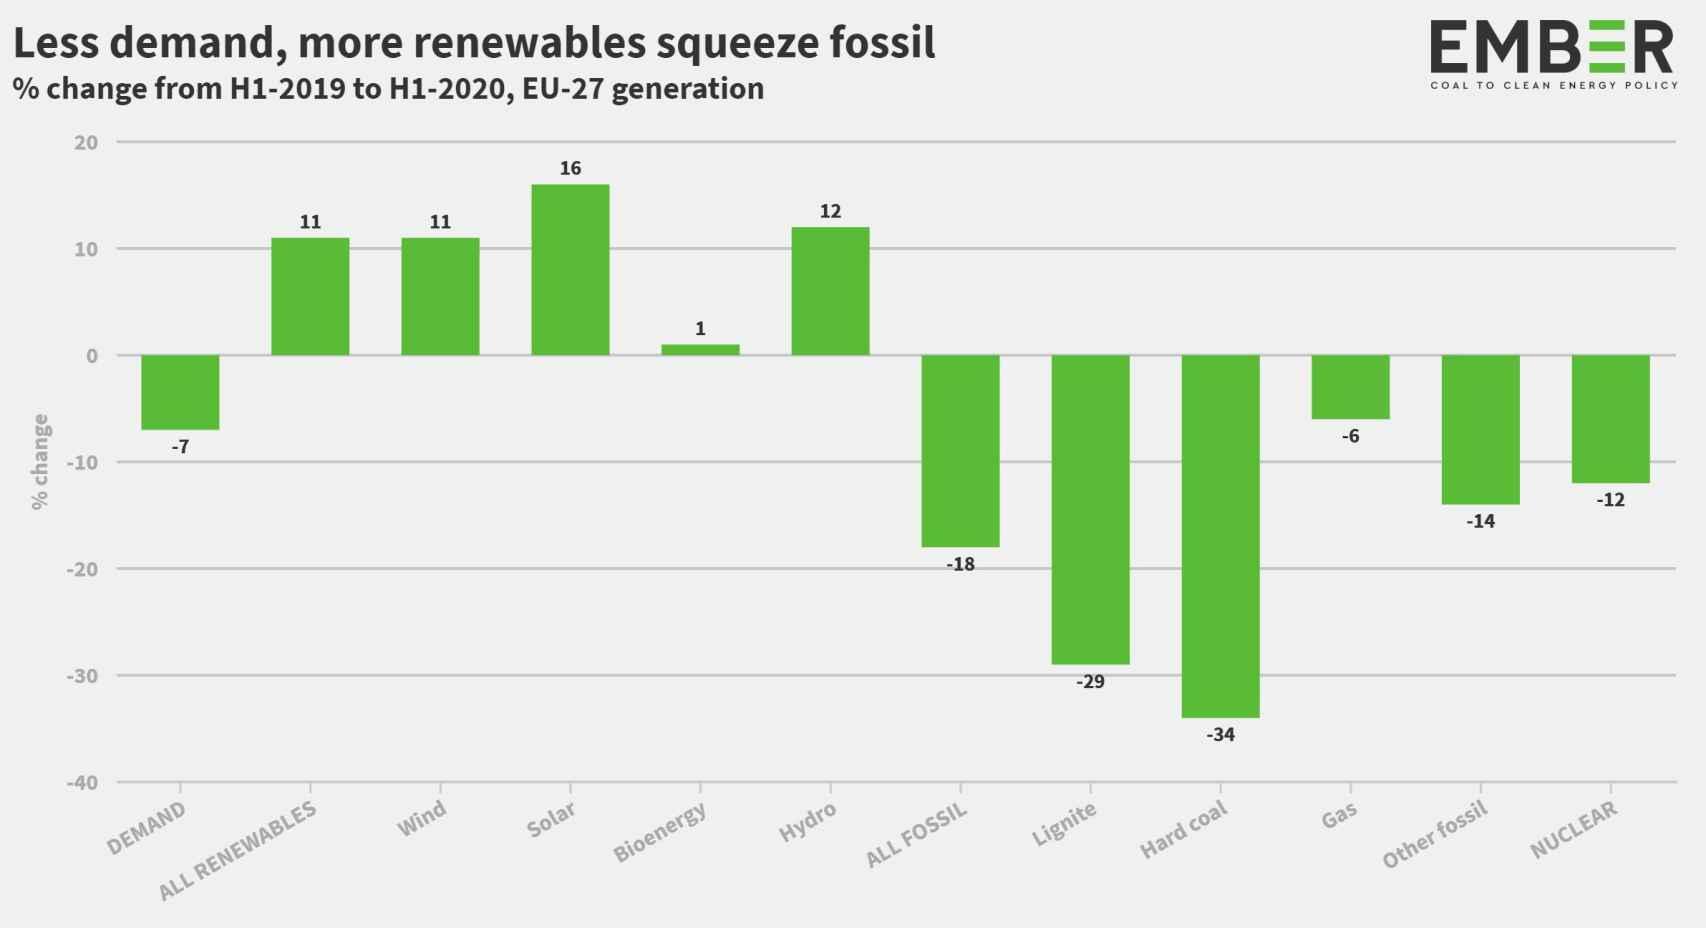 Evolución del consumo de energía en UE en 2020 - Ember